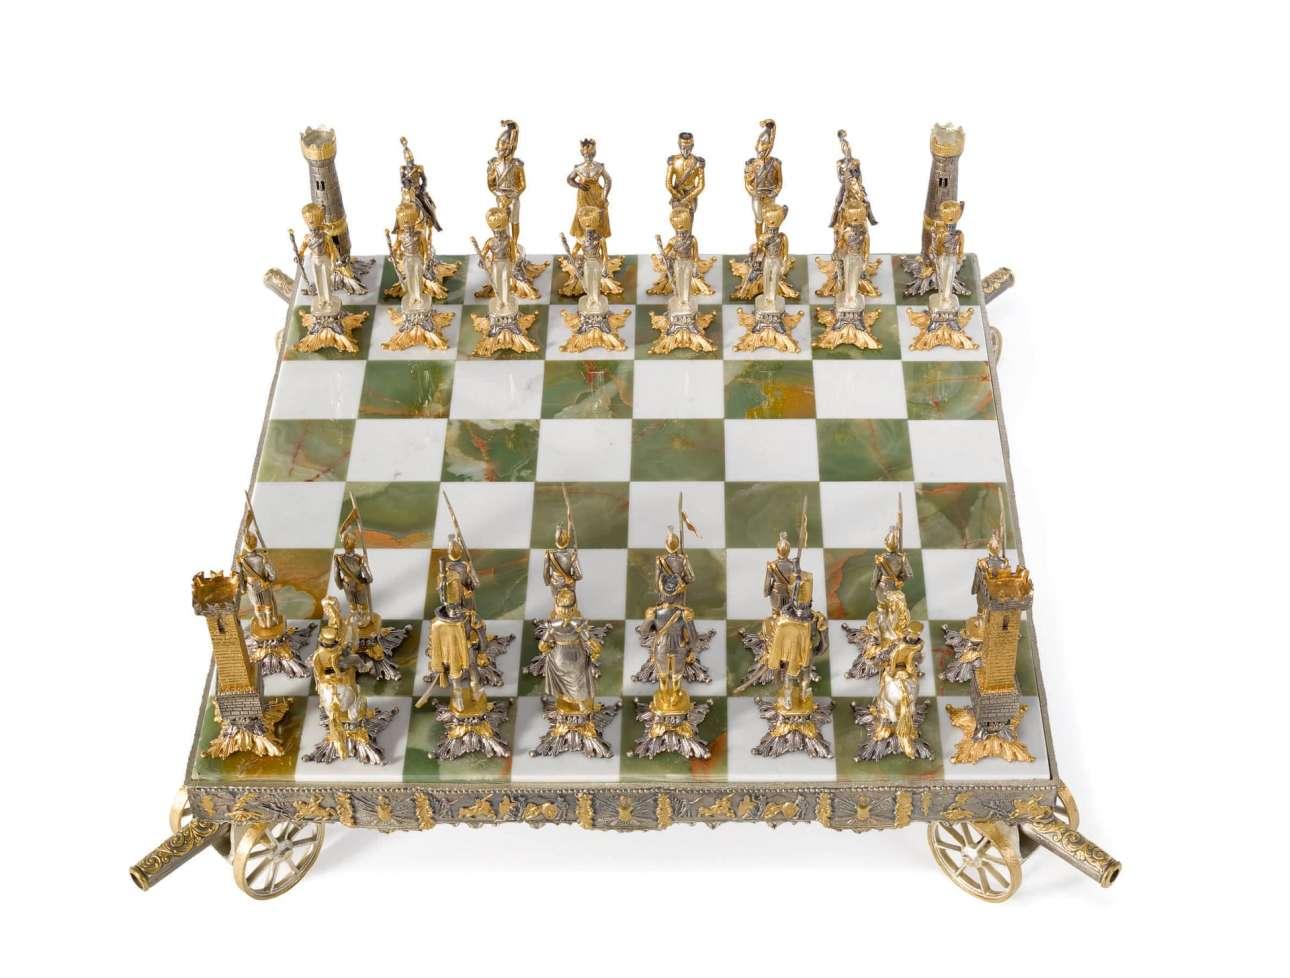 Περίτεχνο σετ σκακιού που απεικονίζει τη μάχη του Βατερλό